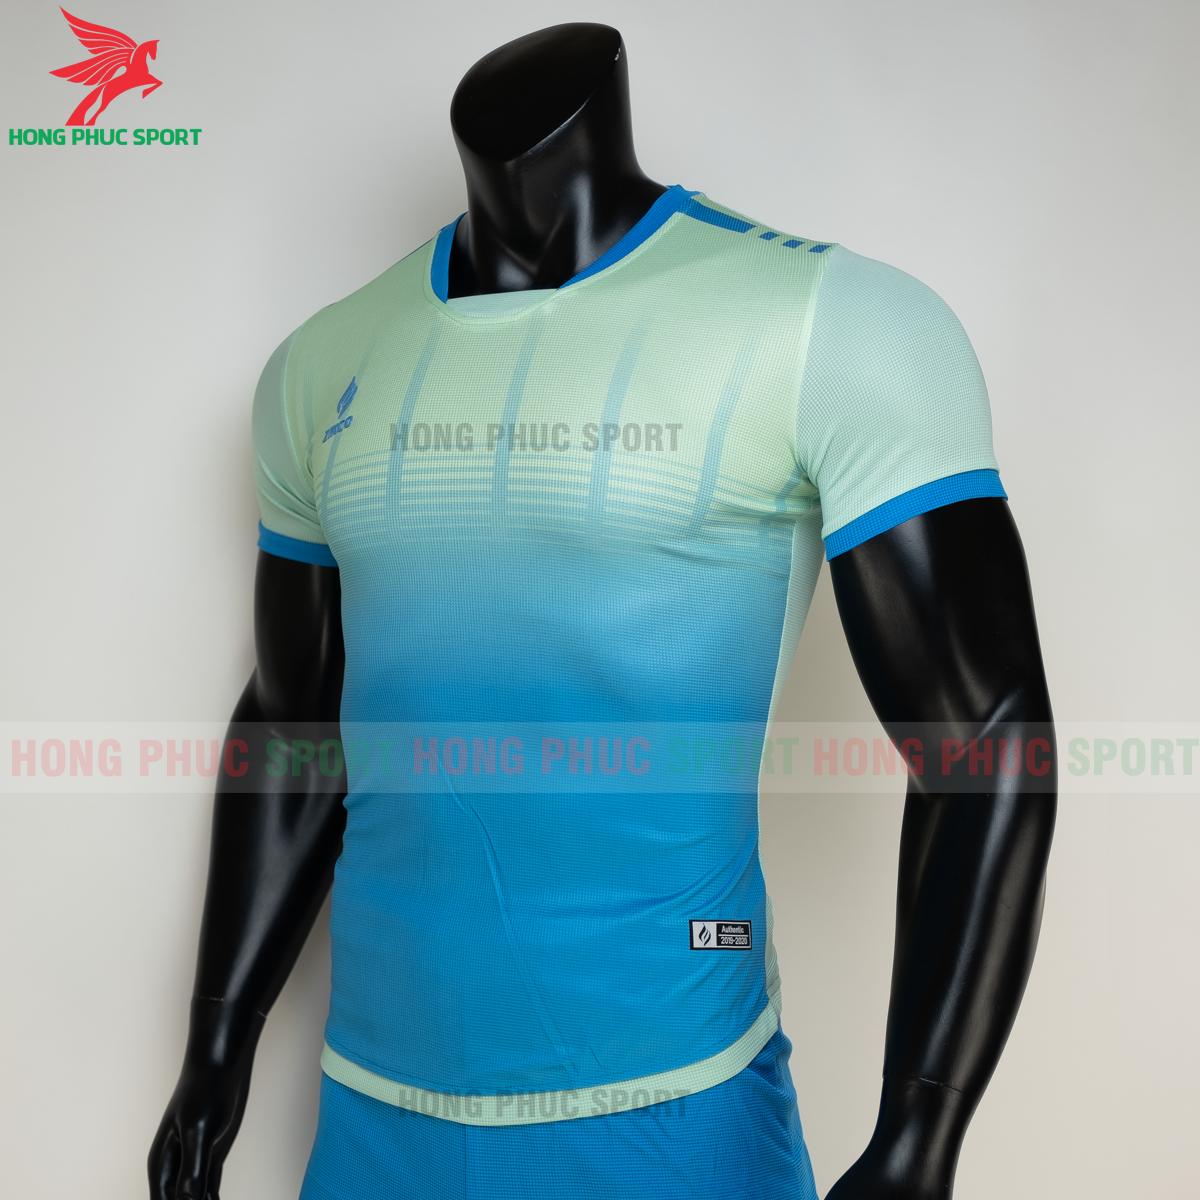 https://cdn.hongphucsport.com/unsafe/s4.shopbay.vn/files/285/ao-bong-da-khong-logo-zikco-z01-mau-xanh-ngoc-4-605029675212d.png